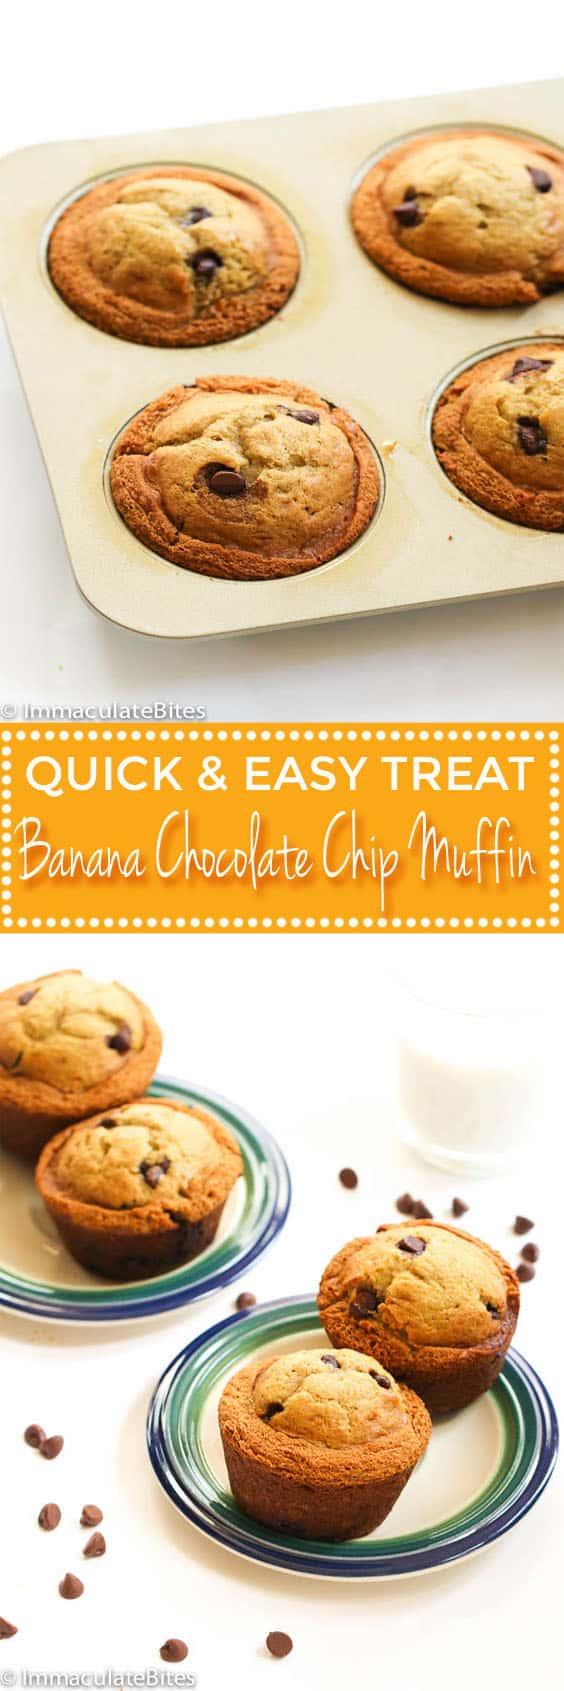 banana chocolate chip muffins.2